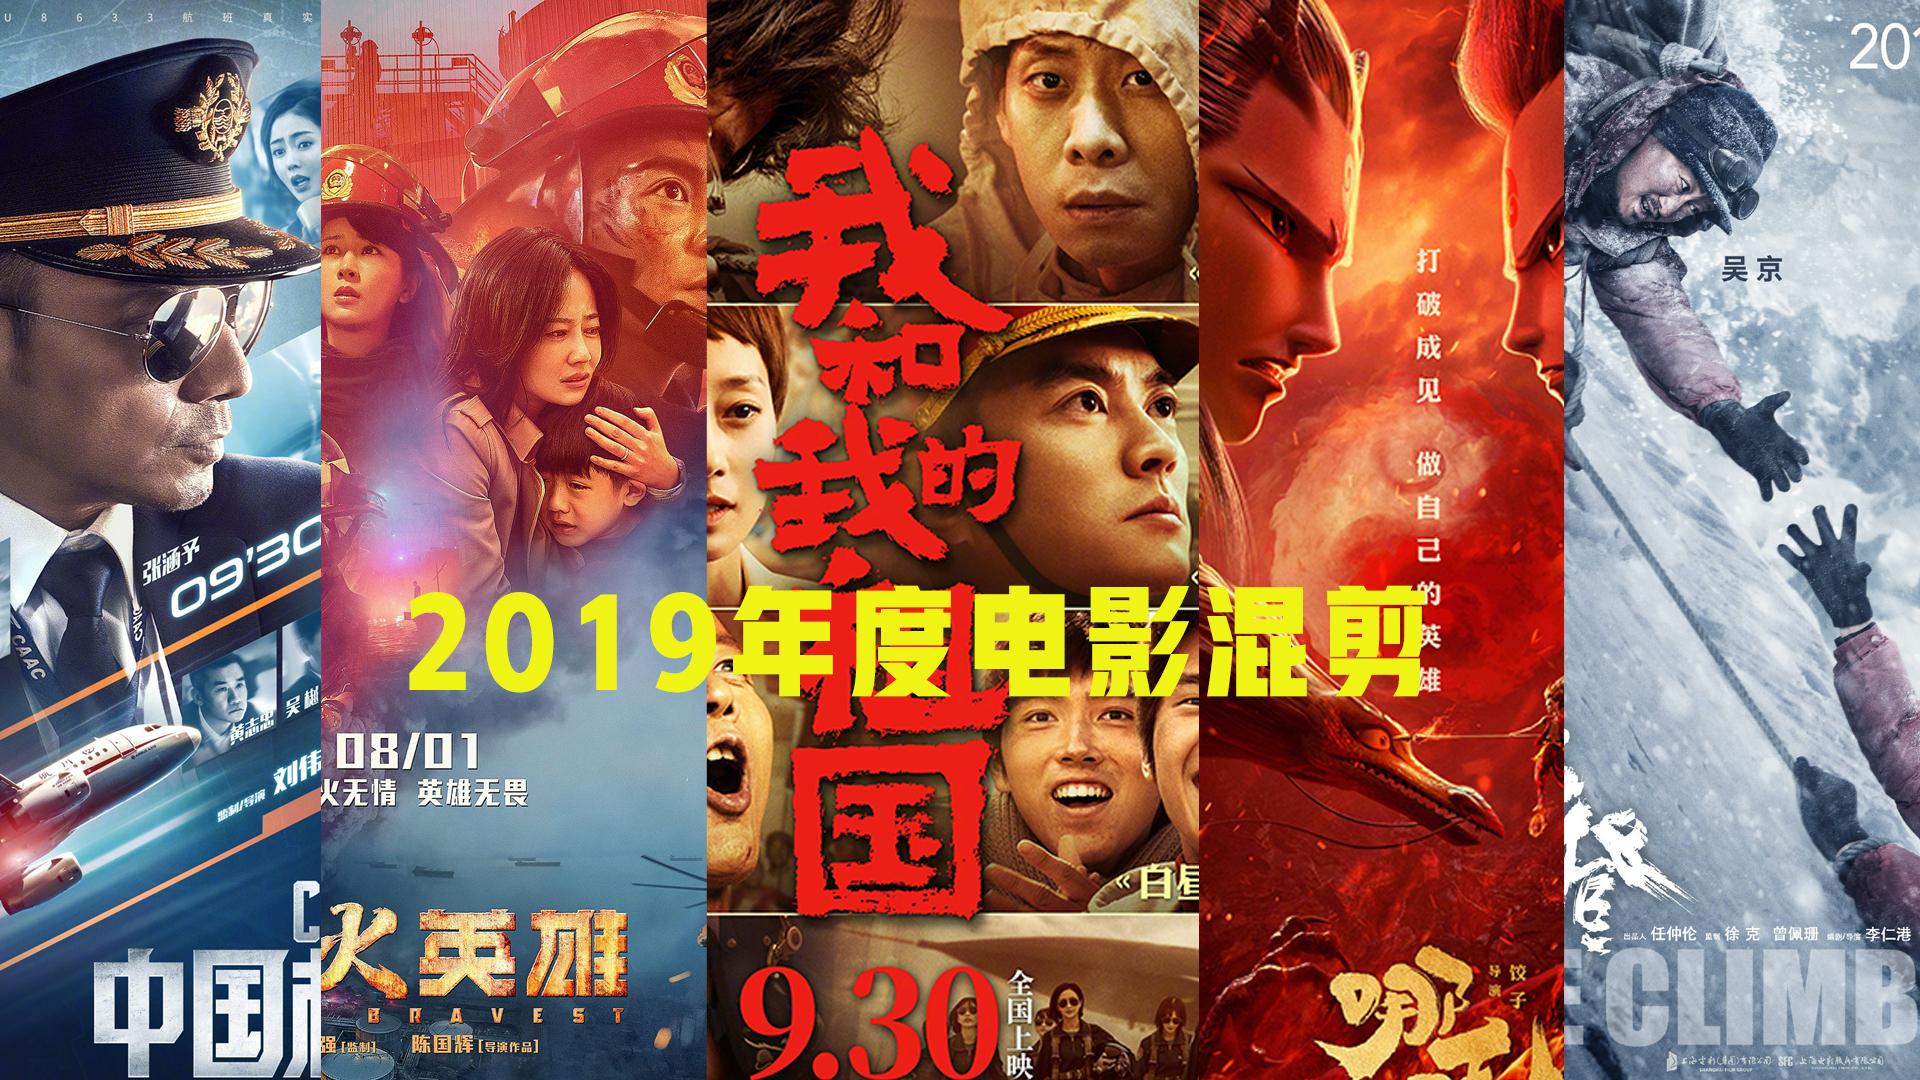 【何止电影】2019年度电影混剪!2020也要加油呀!